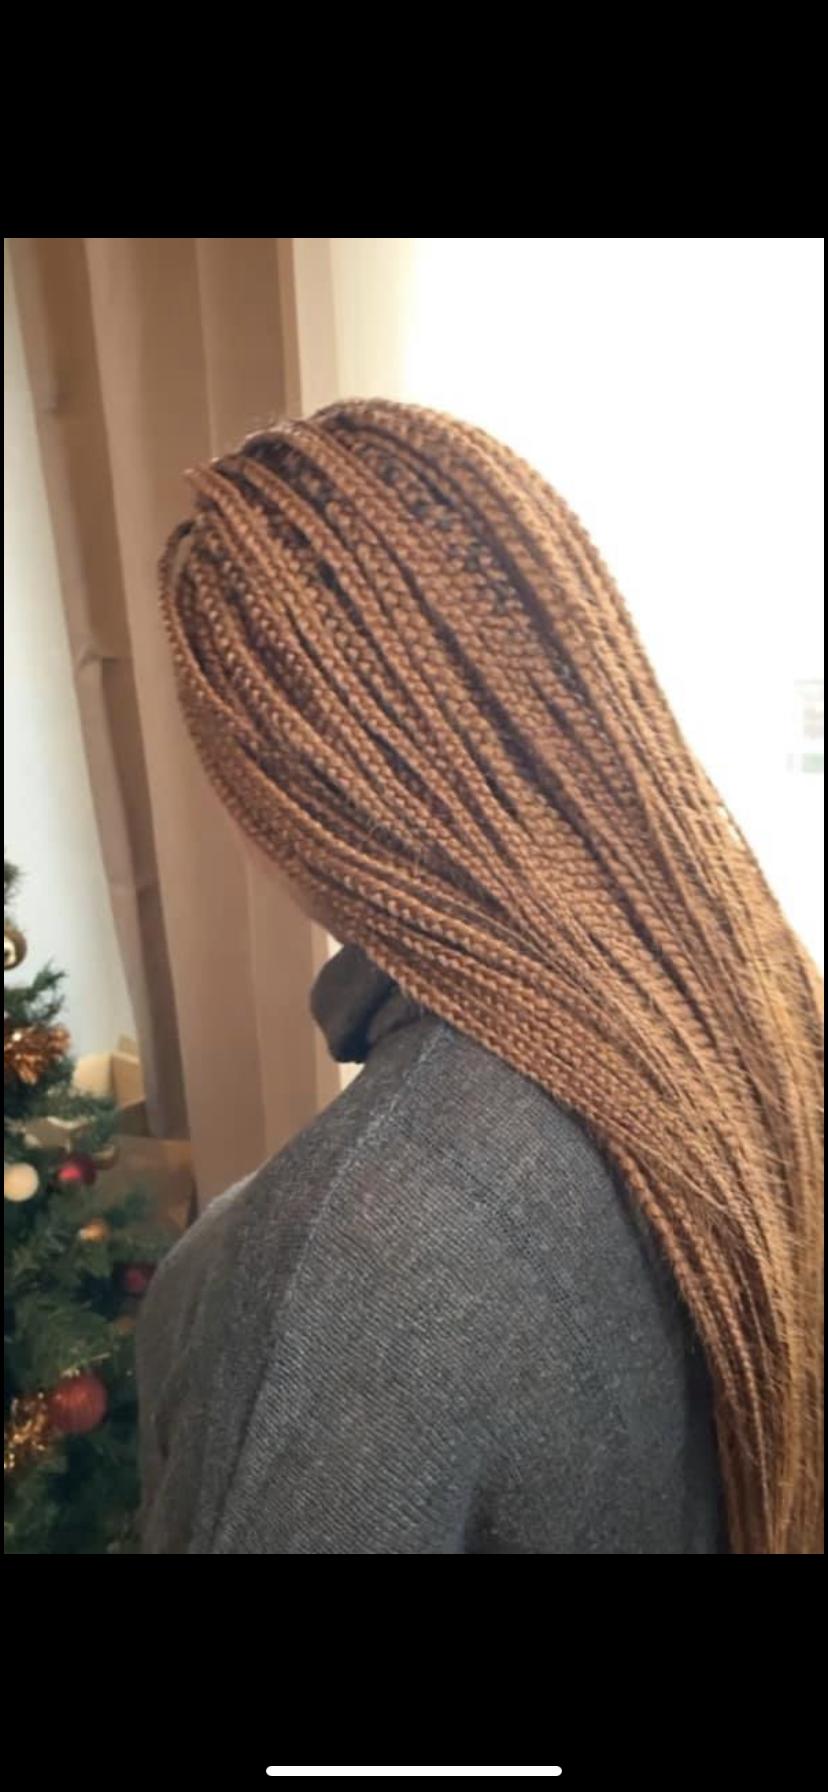 salon de coiffure afro tresse tresses box braids crochet braids vanilles tissages paris 75 77 78 91 92 93 94 95 LQYHNZUY